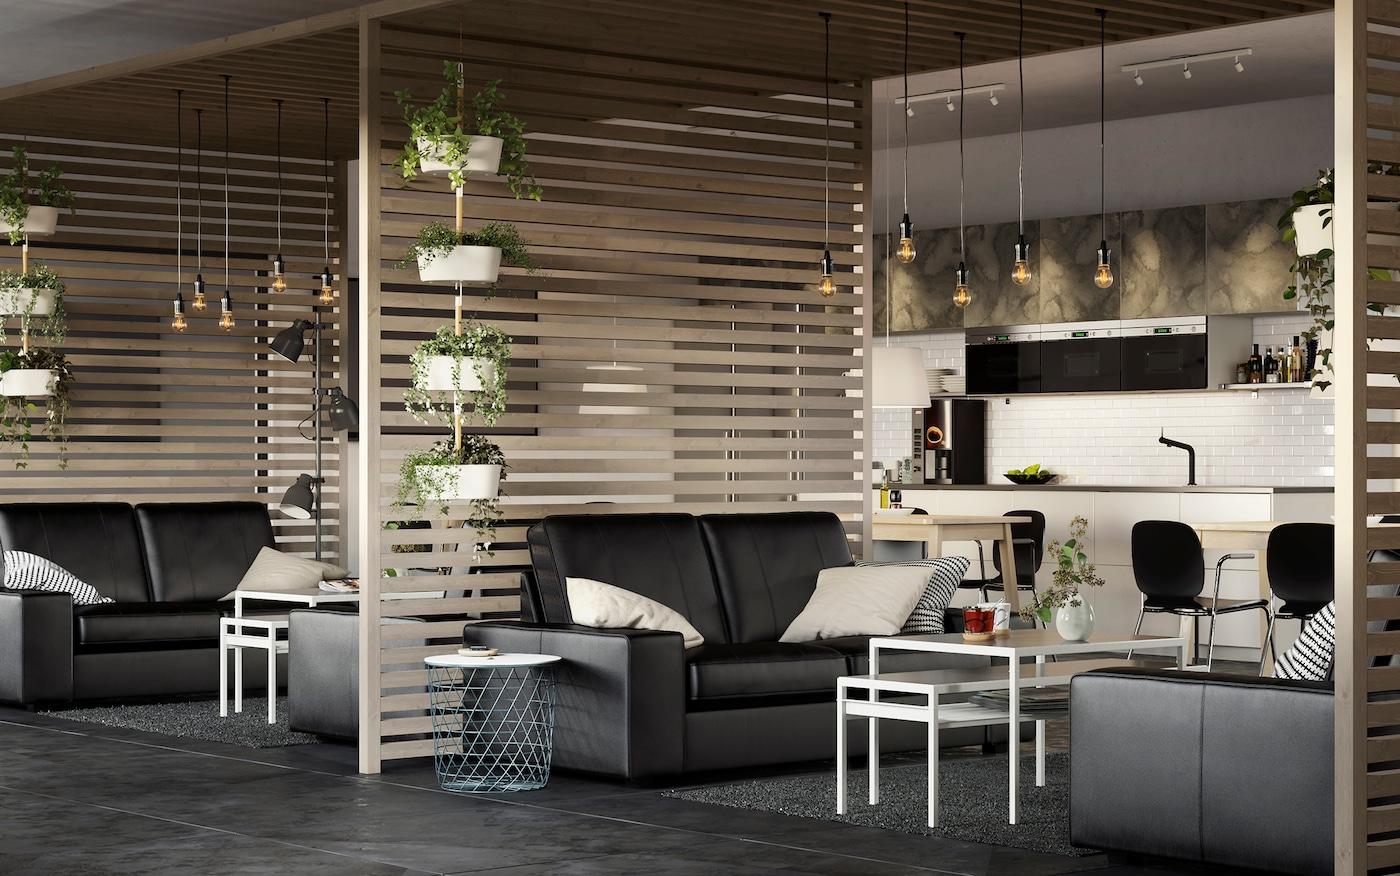 Ein Mitarbeiterbereich mit KIVIK Sofas mit Lederbezug in schwarz, Raumtrenner, Kissen & Dekoration.